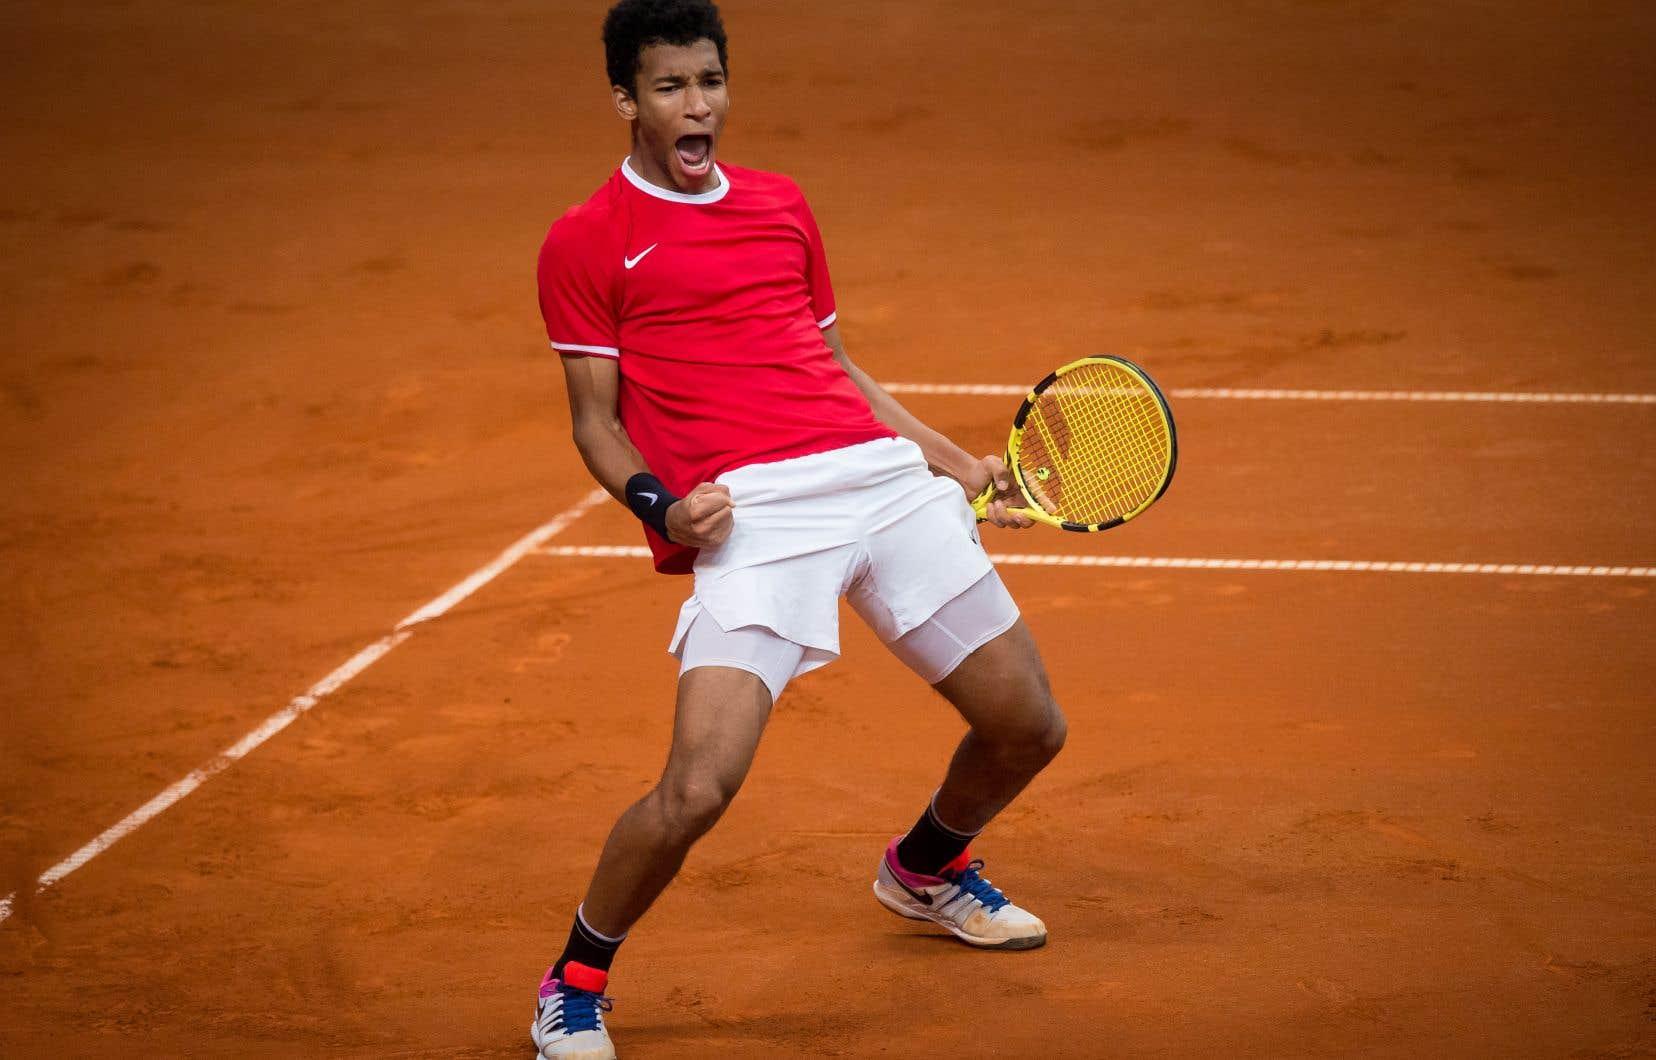 Félix Auger-Aliassime a permis au Canada d'accéder à la finale de la Coupe Davis grâce à sa victoire face au Slovaque Norbert Gombos (6-3, 6-4).